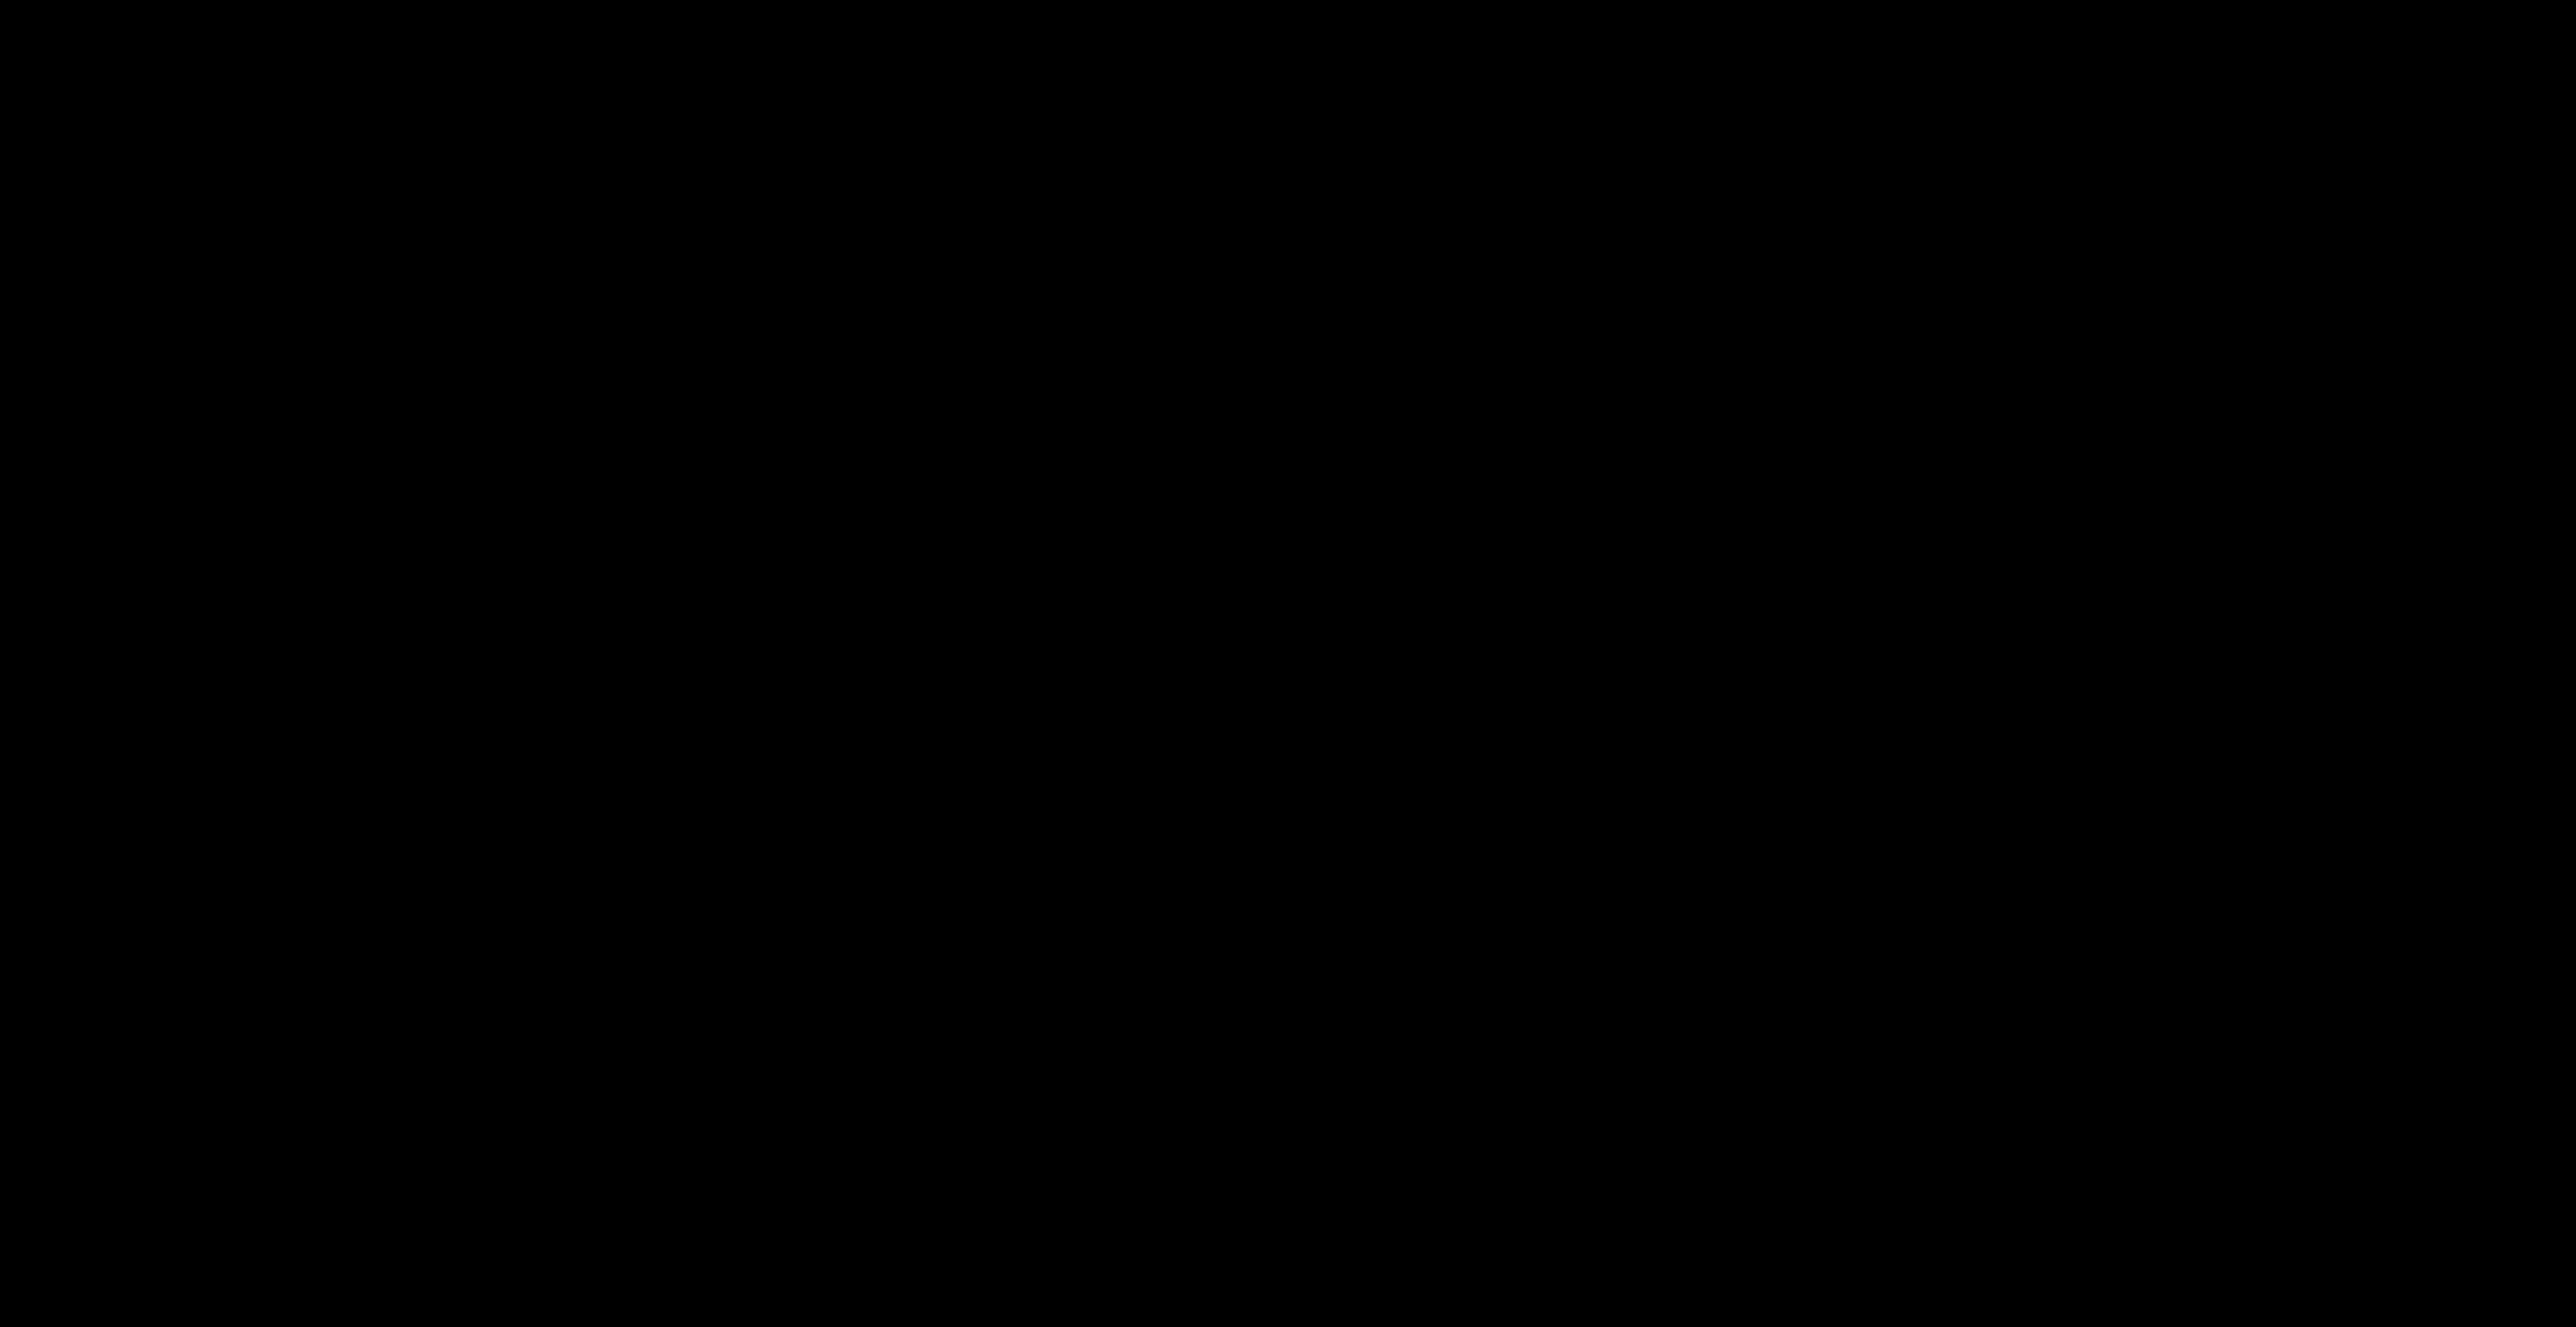 36 Concept of Mazda New Suv 2020 Concept with Mazda New Suv 2020